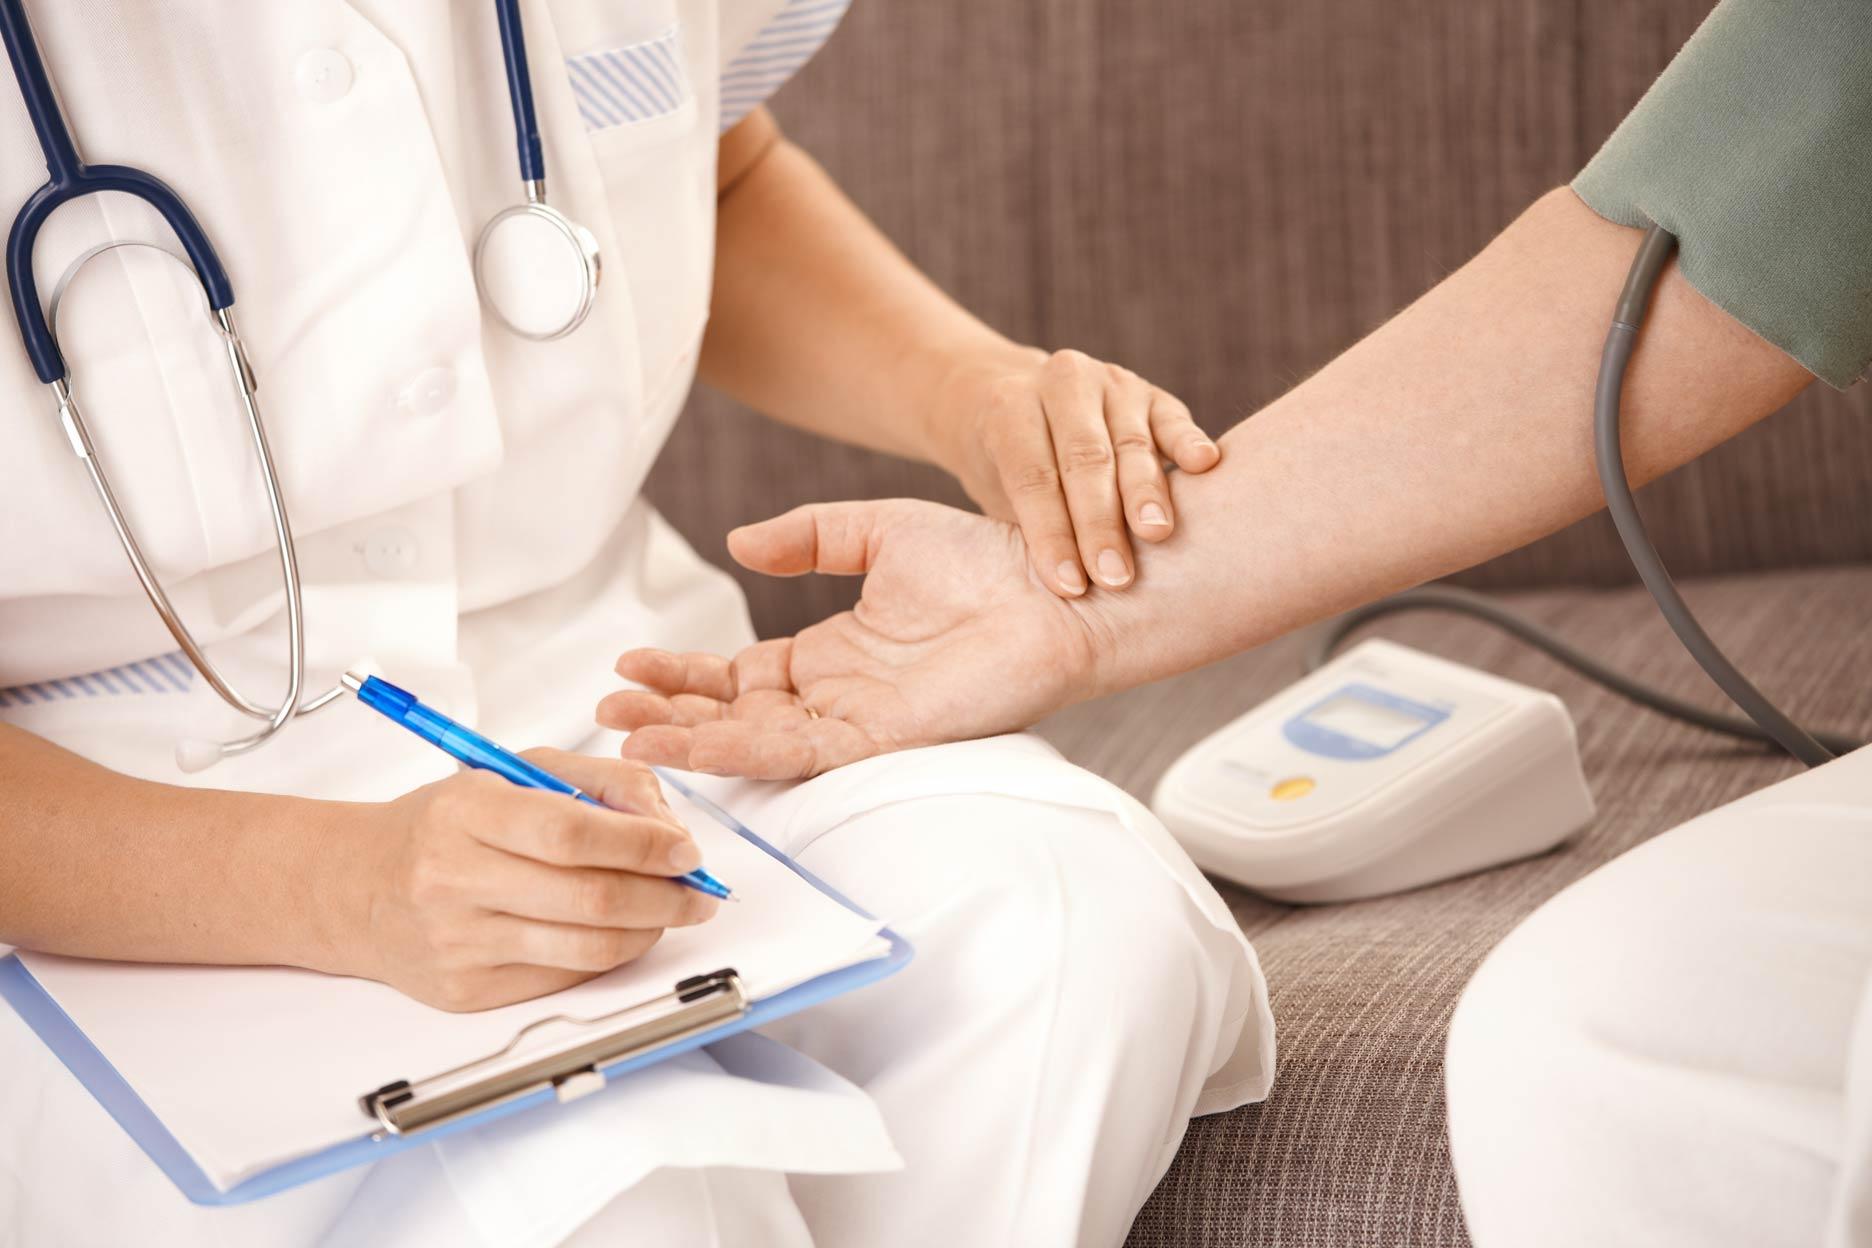 Что такое предрейсовый медицинский осмотр и зачем он нужен?